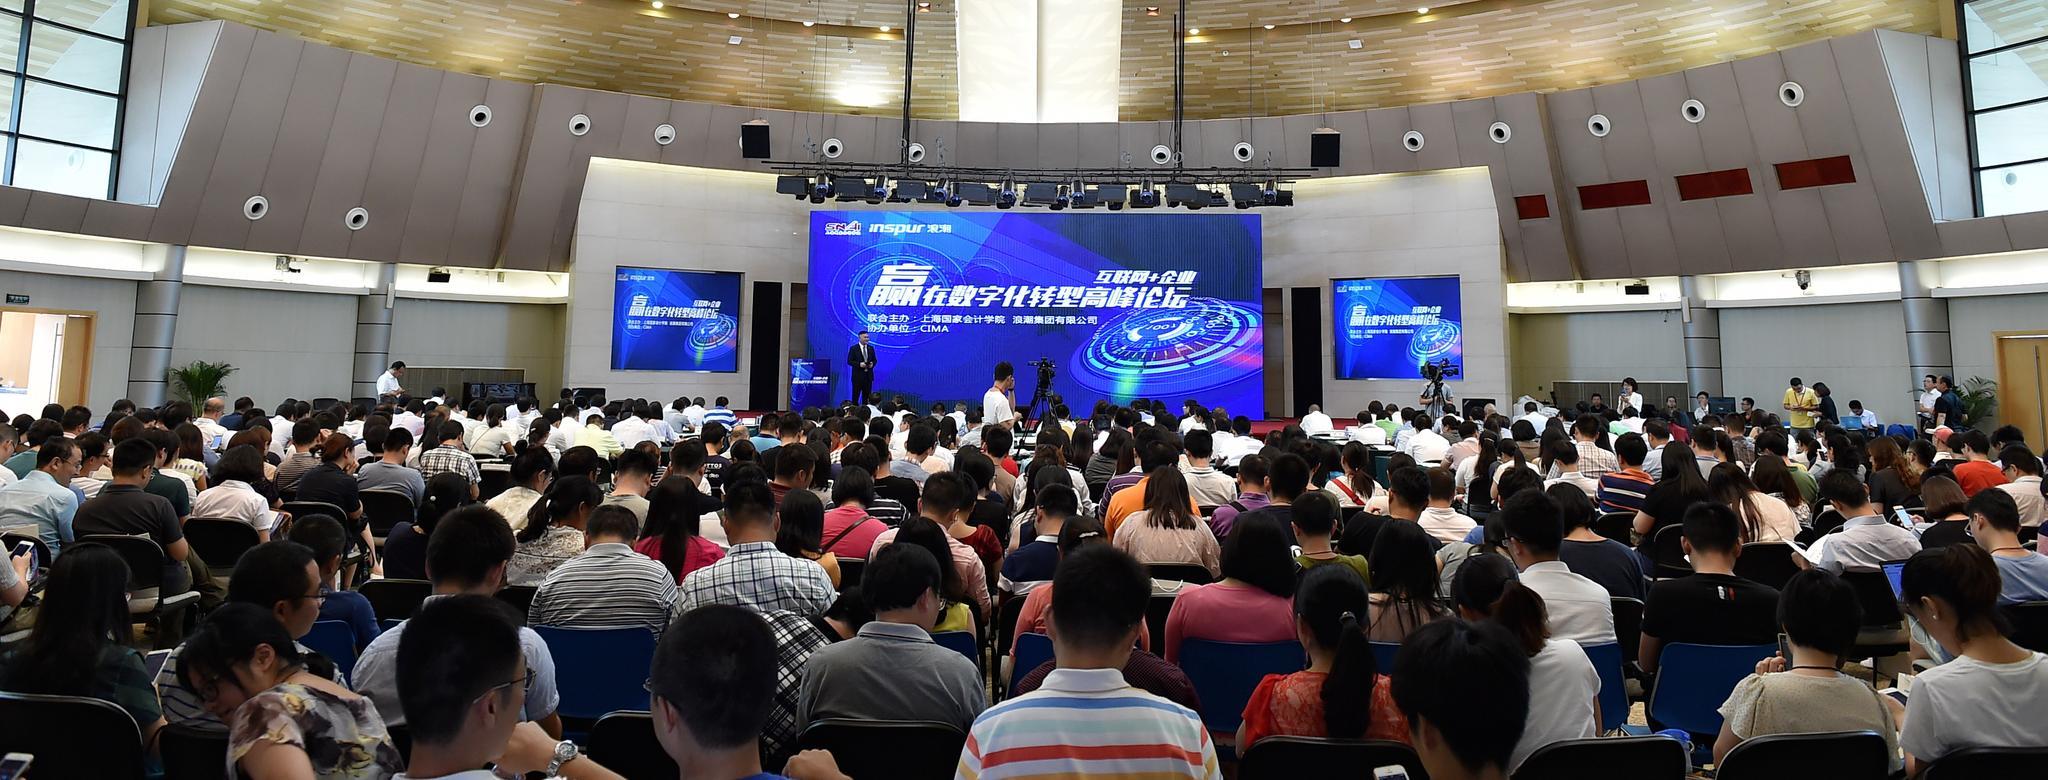 上海国家会计学院2019MPACC招生信息